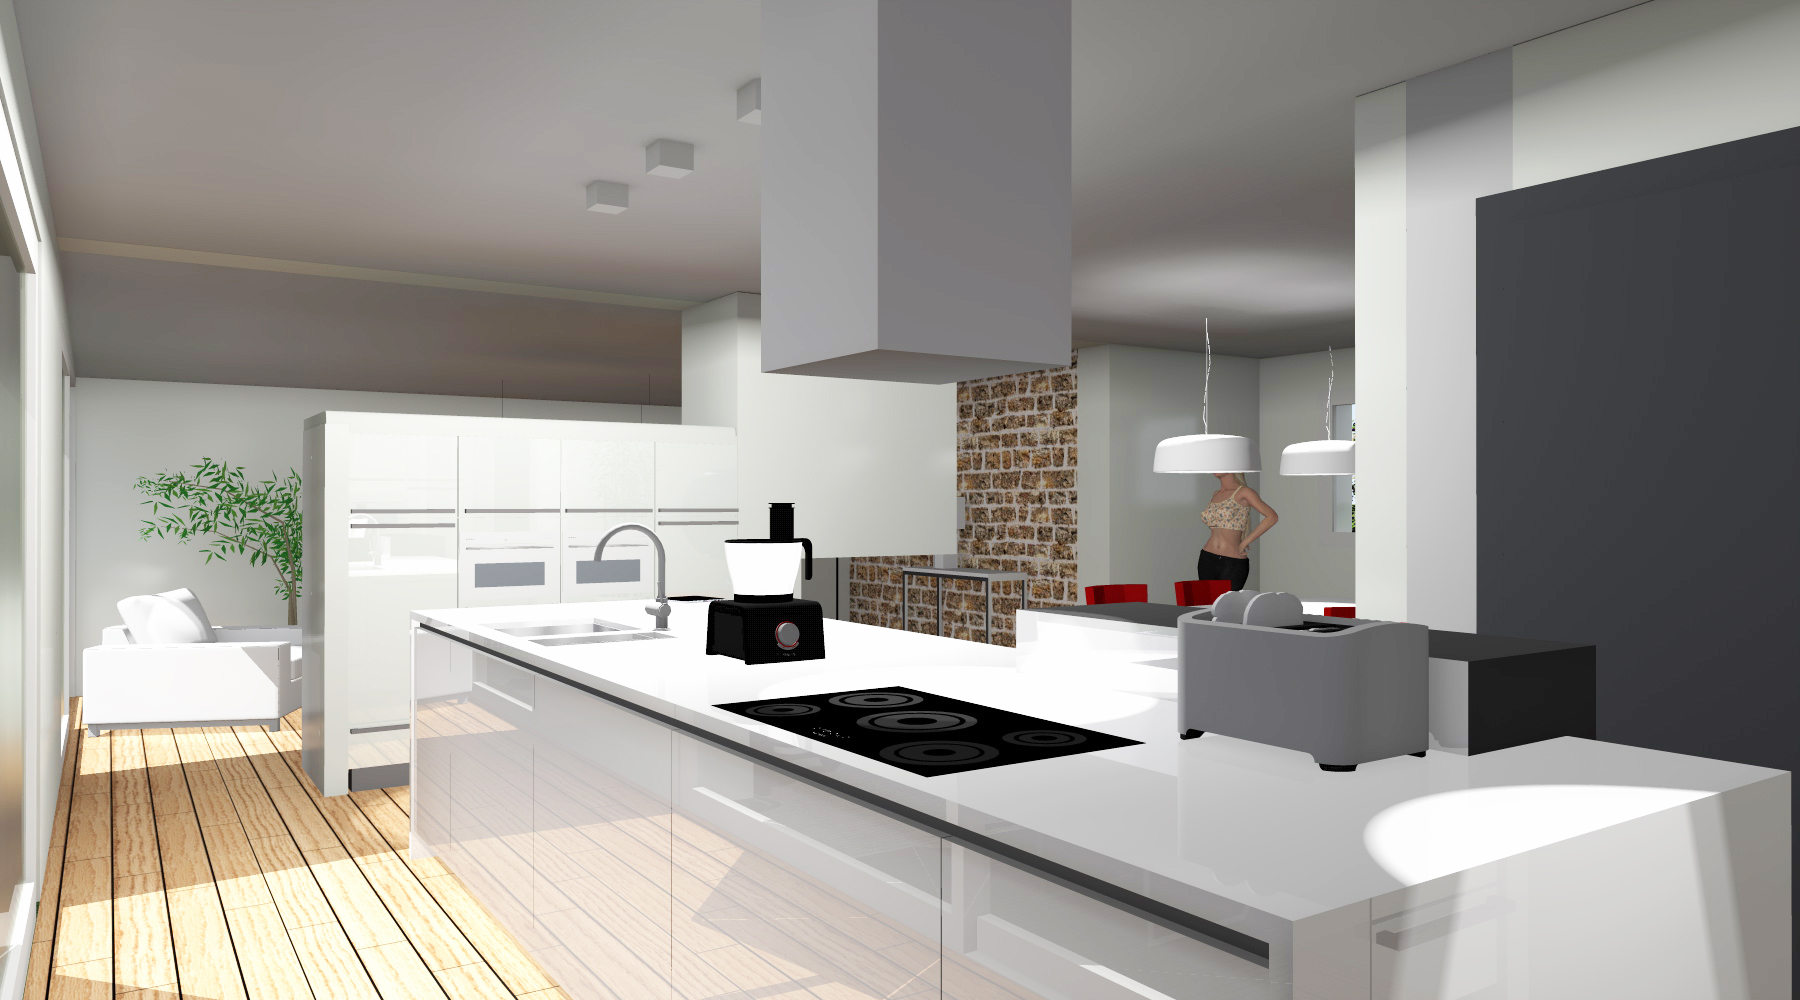 Cuisine 20m2 maison parallele - Amenagement cuisine salon ...